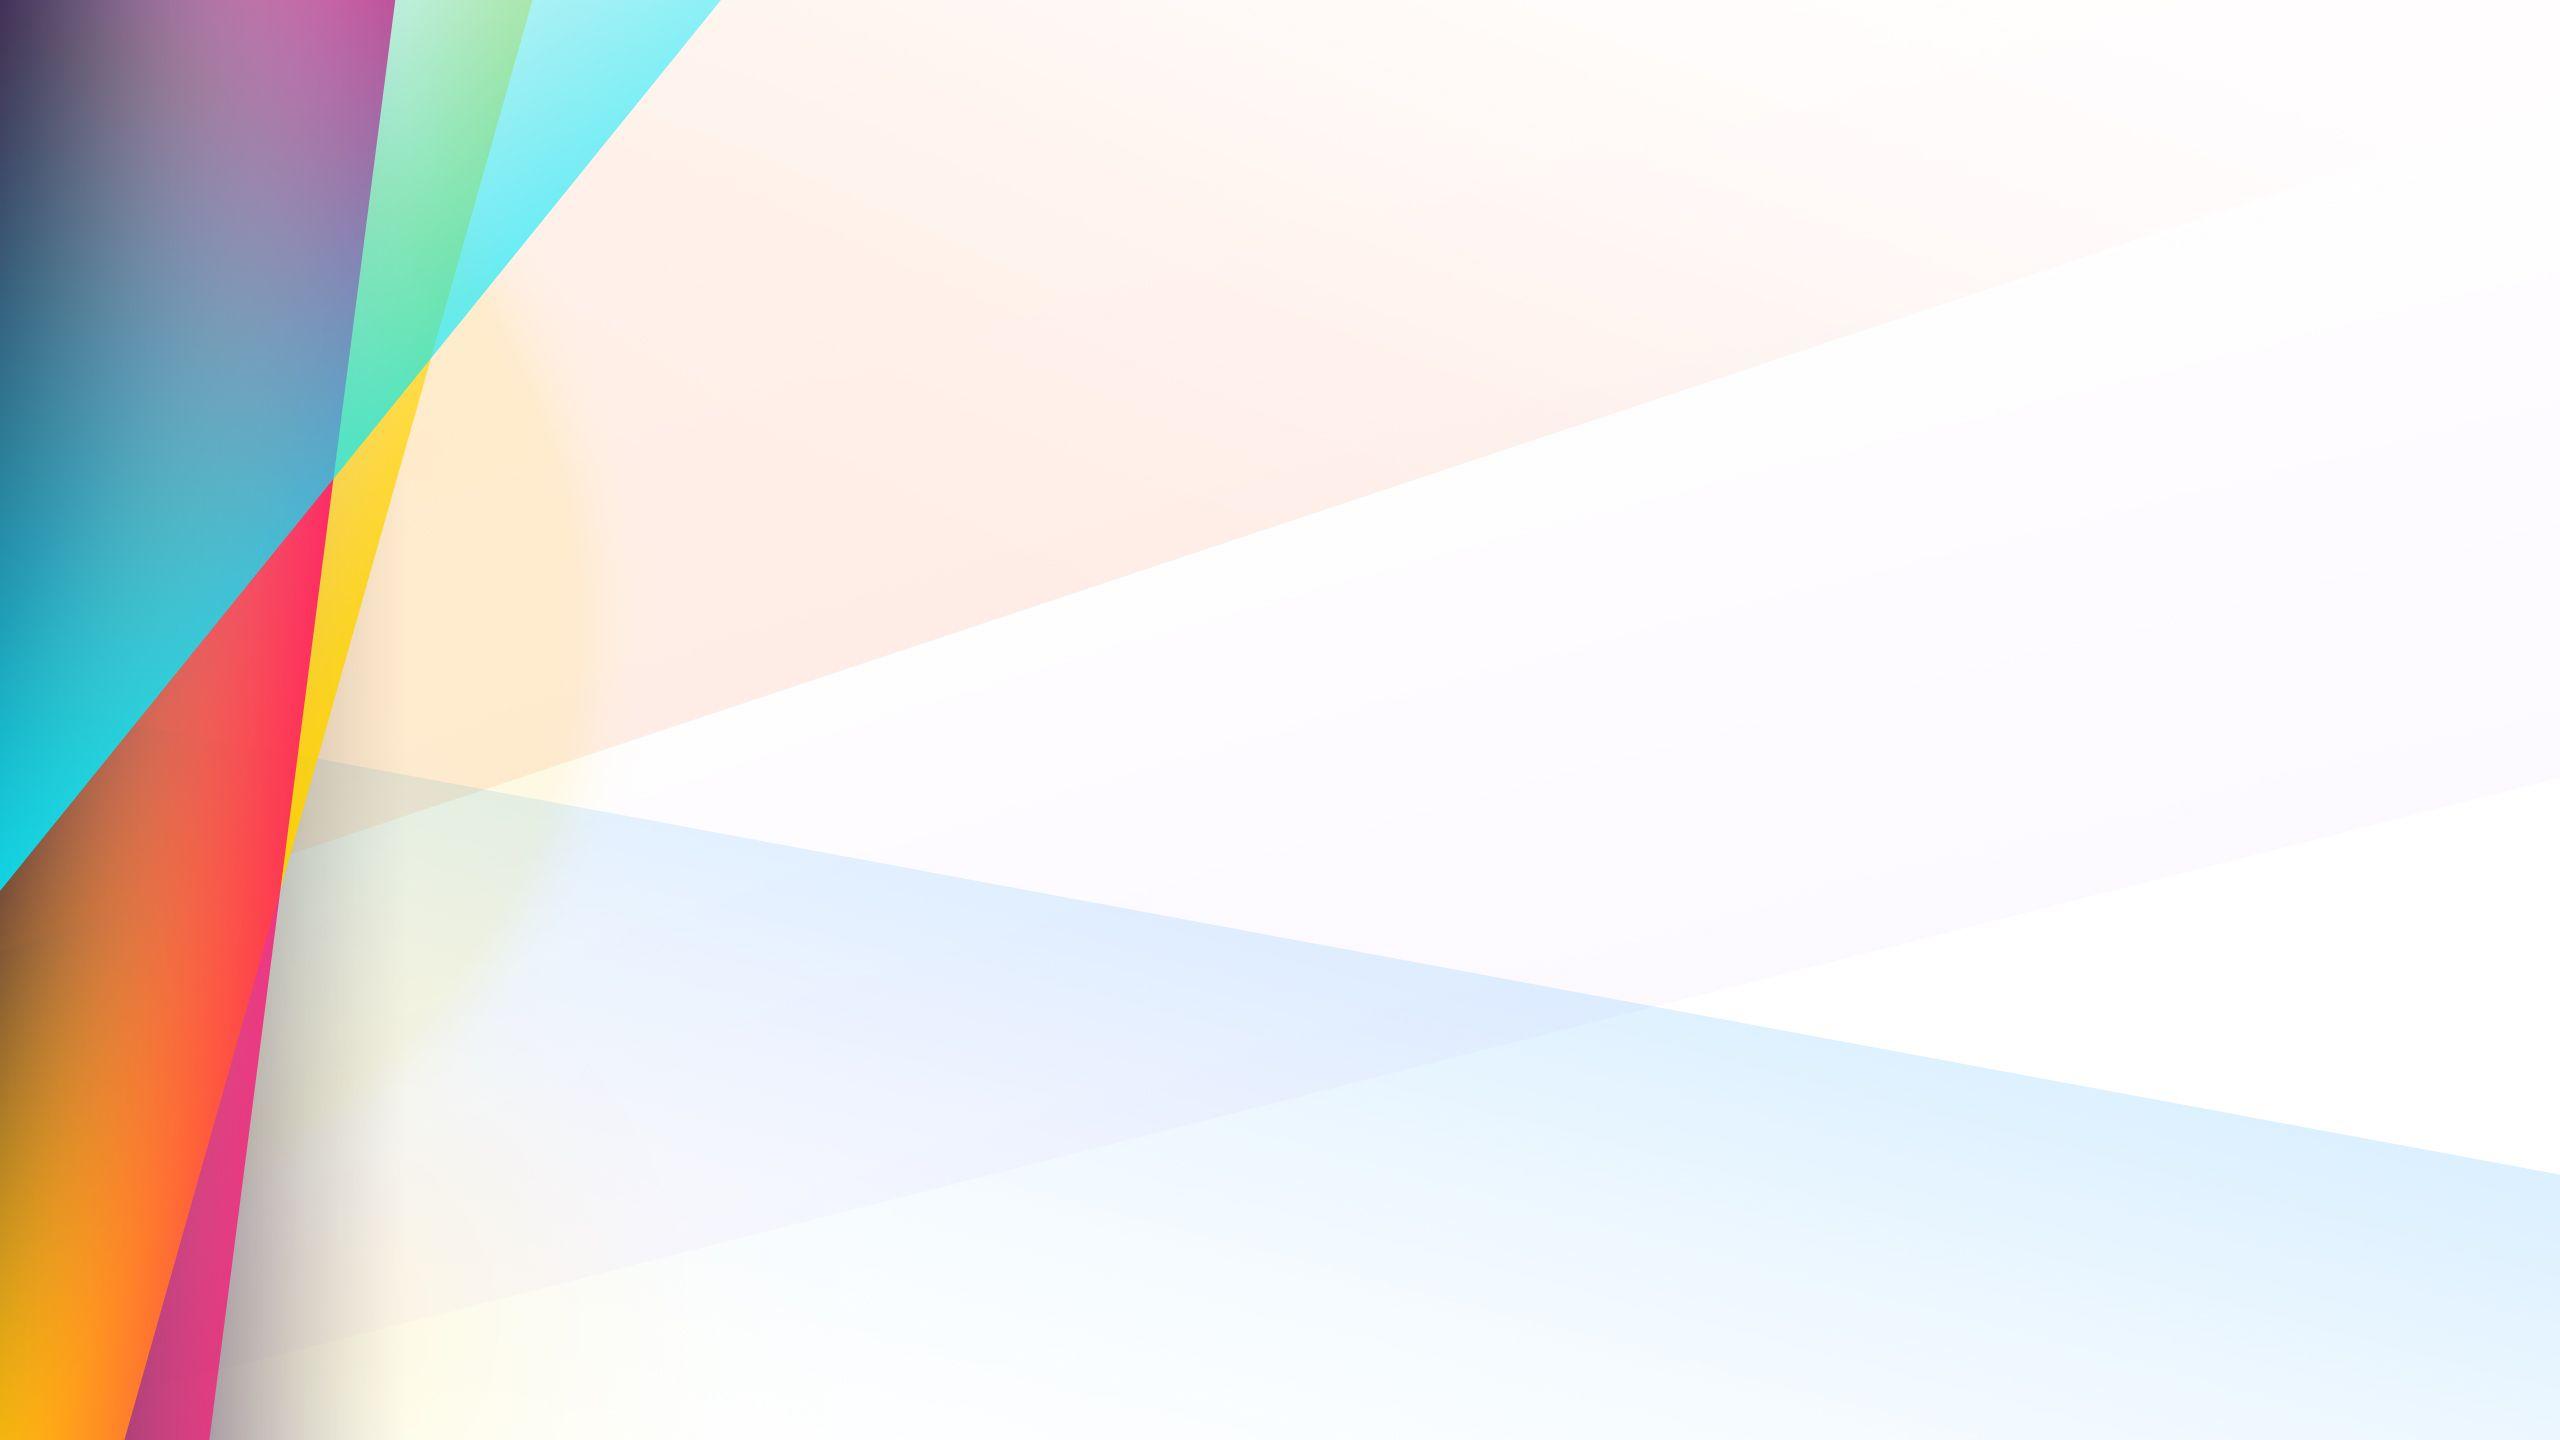 Kết quả hình ảnh cho hình nền powerpoint màu trắng đẹp